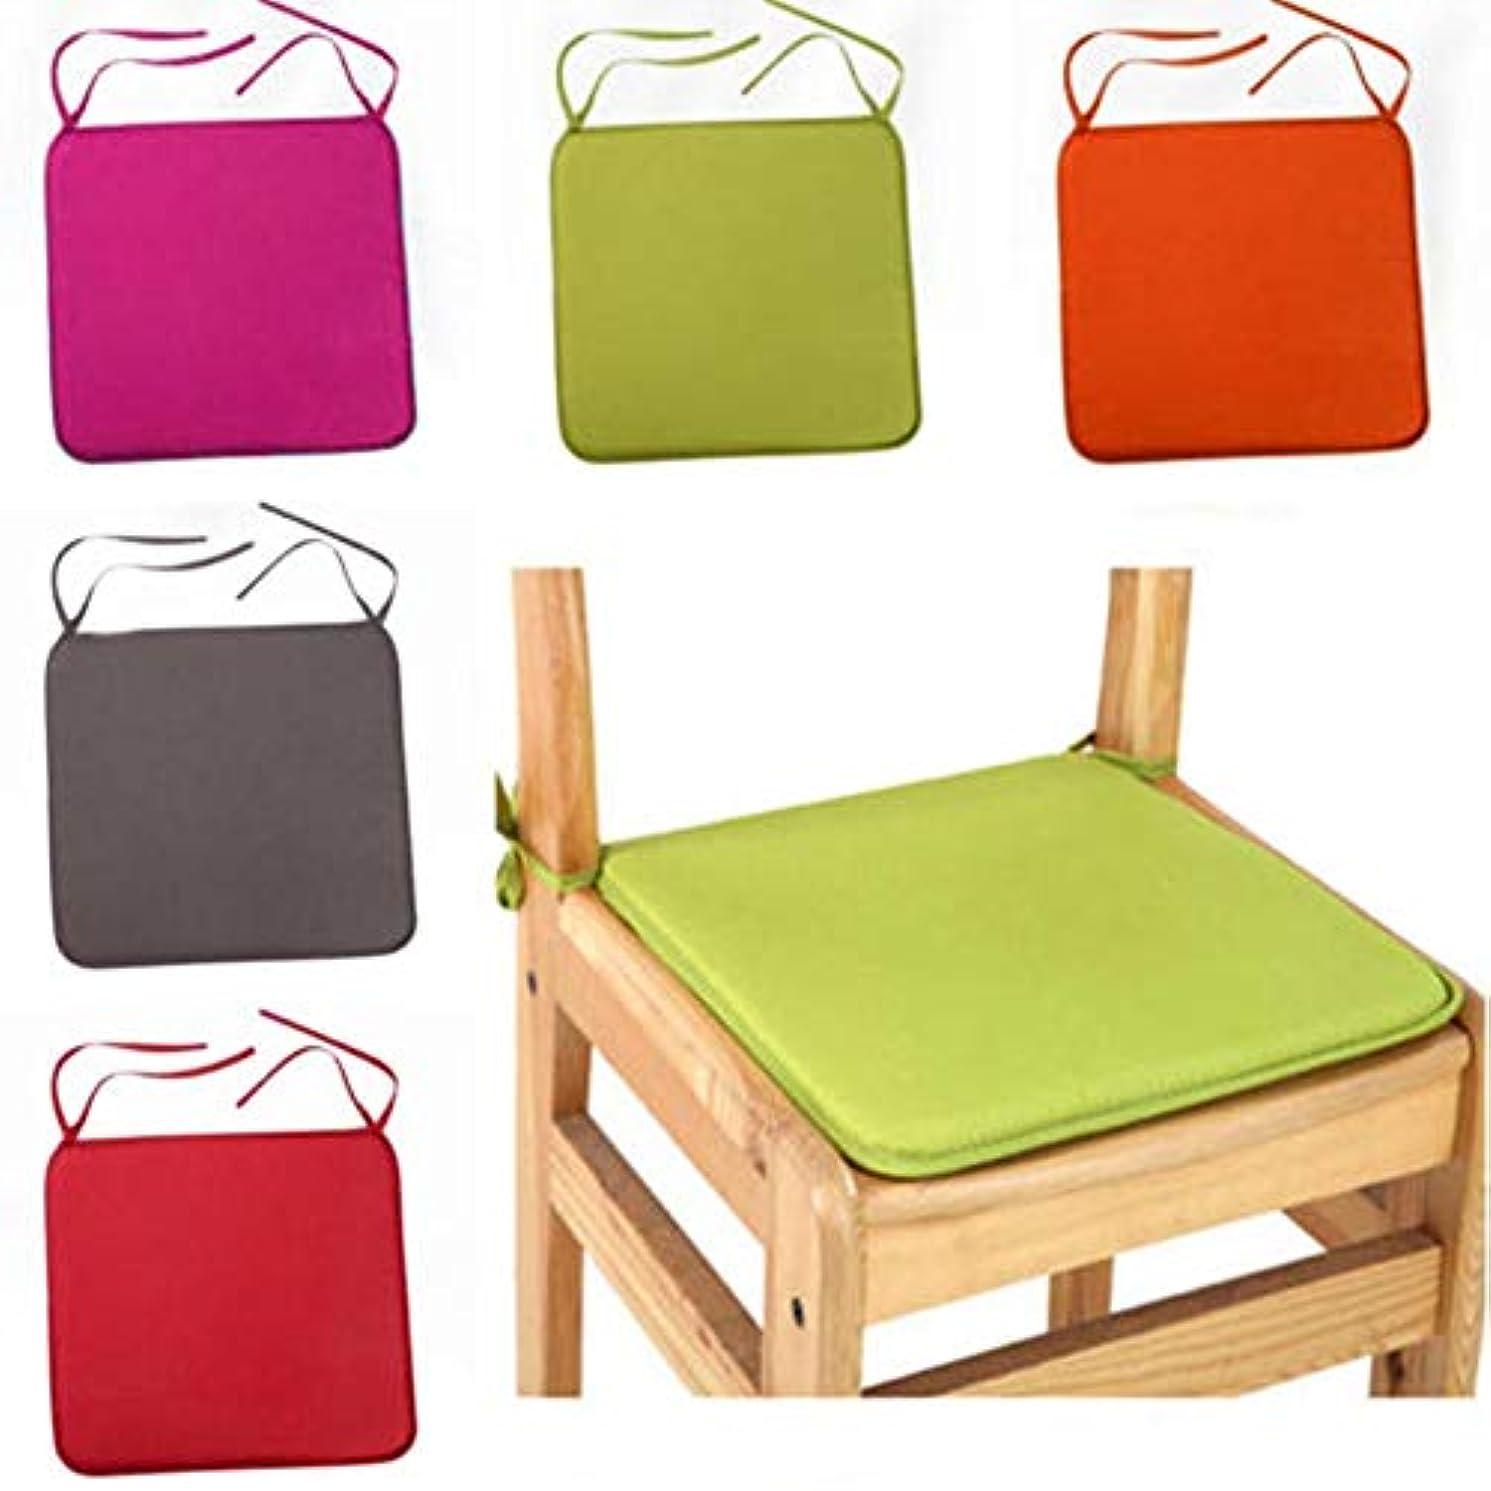 アウトドア豆腐買い手LIFE 40 × 40 センチメートルの椅子のクッションシートダイニング椅子屋外屋内キッチンスクエアソフトネクタイ椅子パッドホーム装飾 クッション 椅子